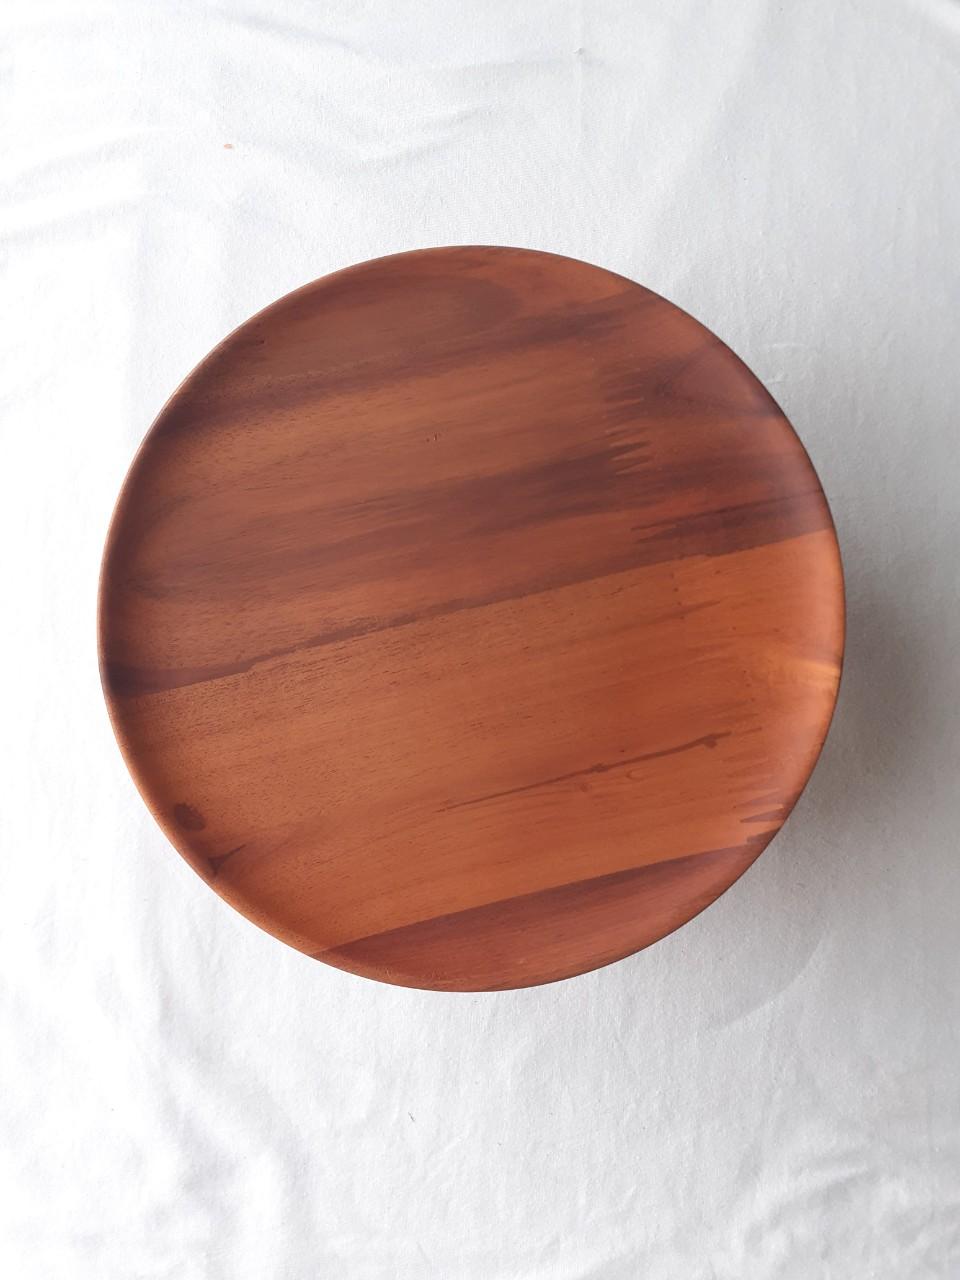 Mâm bồng, đĩa đựng hoa quả thờ bằng gỗ